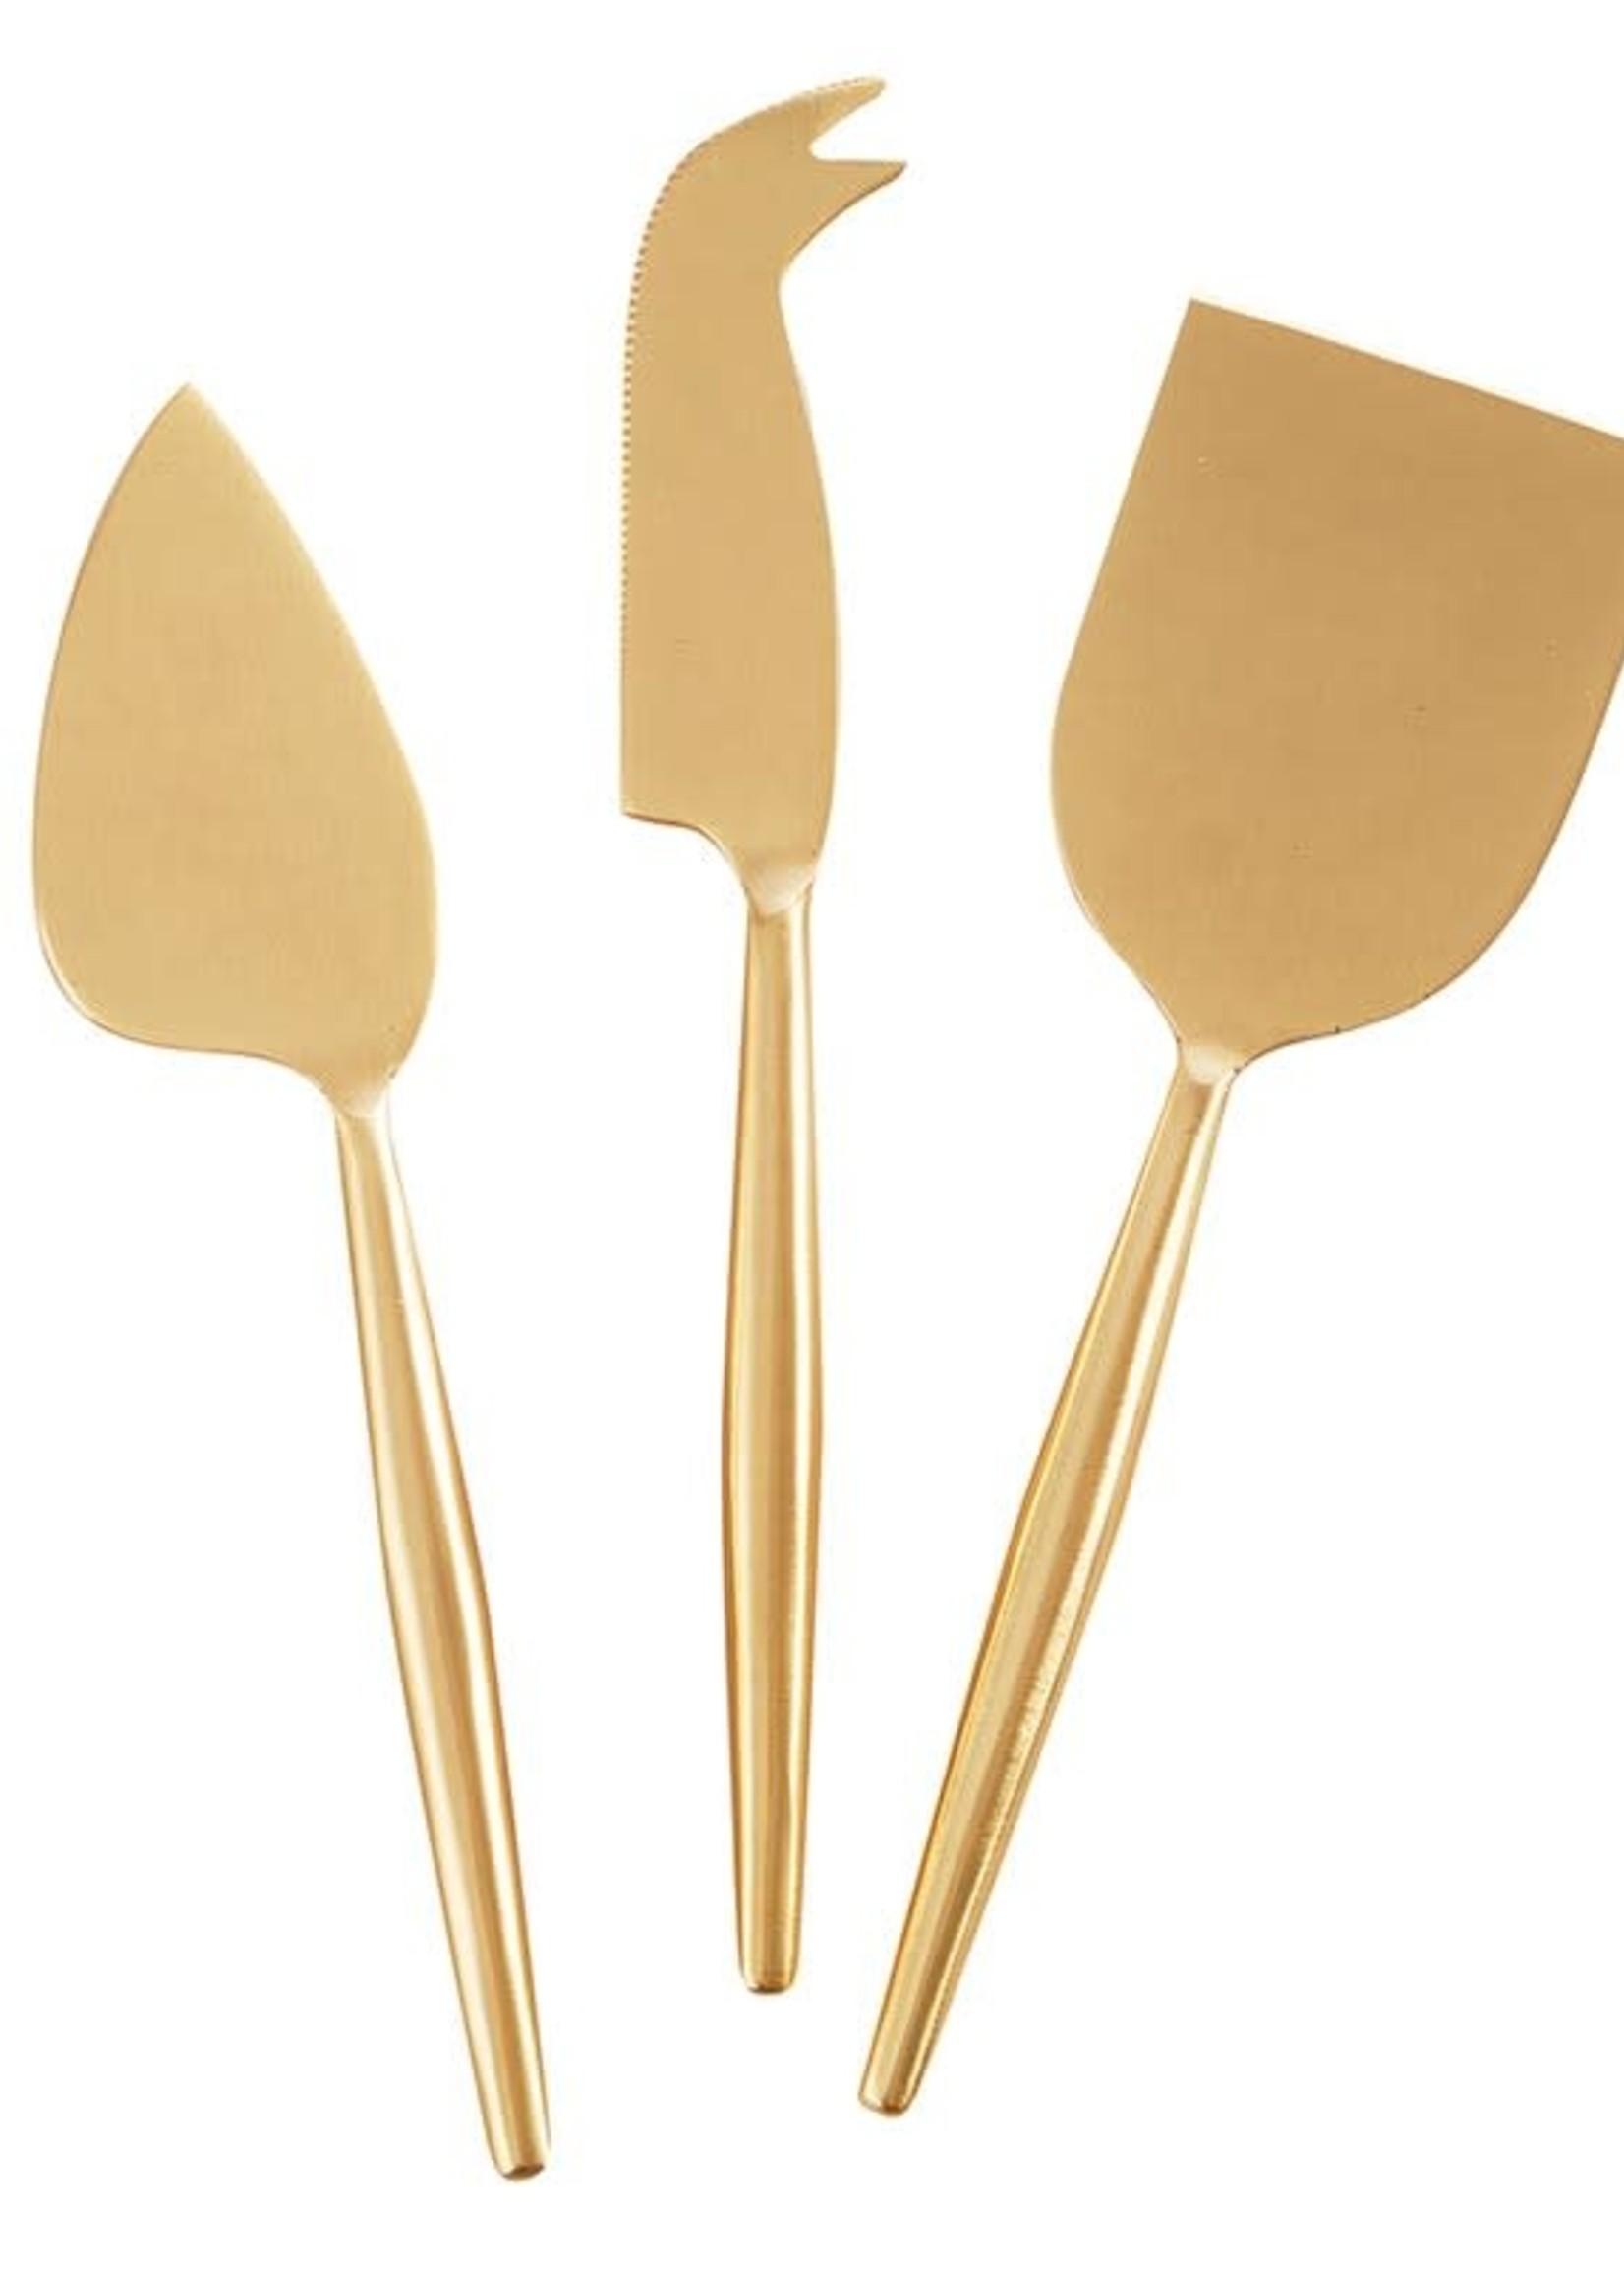 Matte Gold Cheese Set